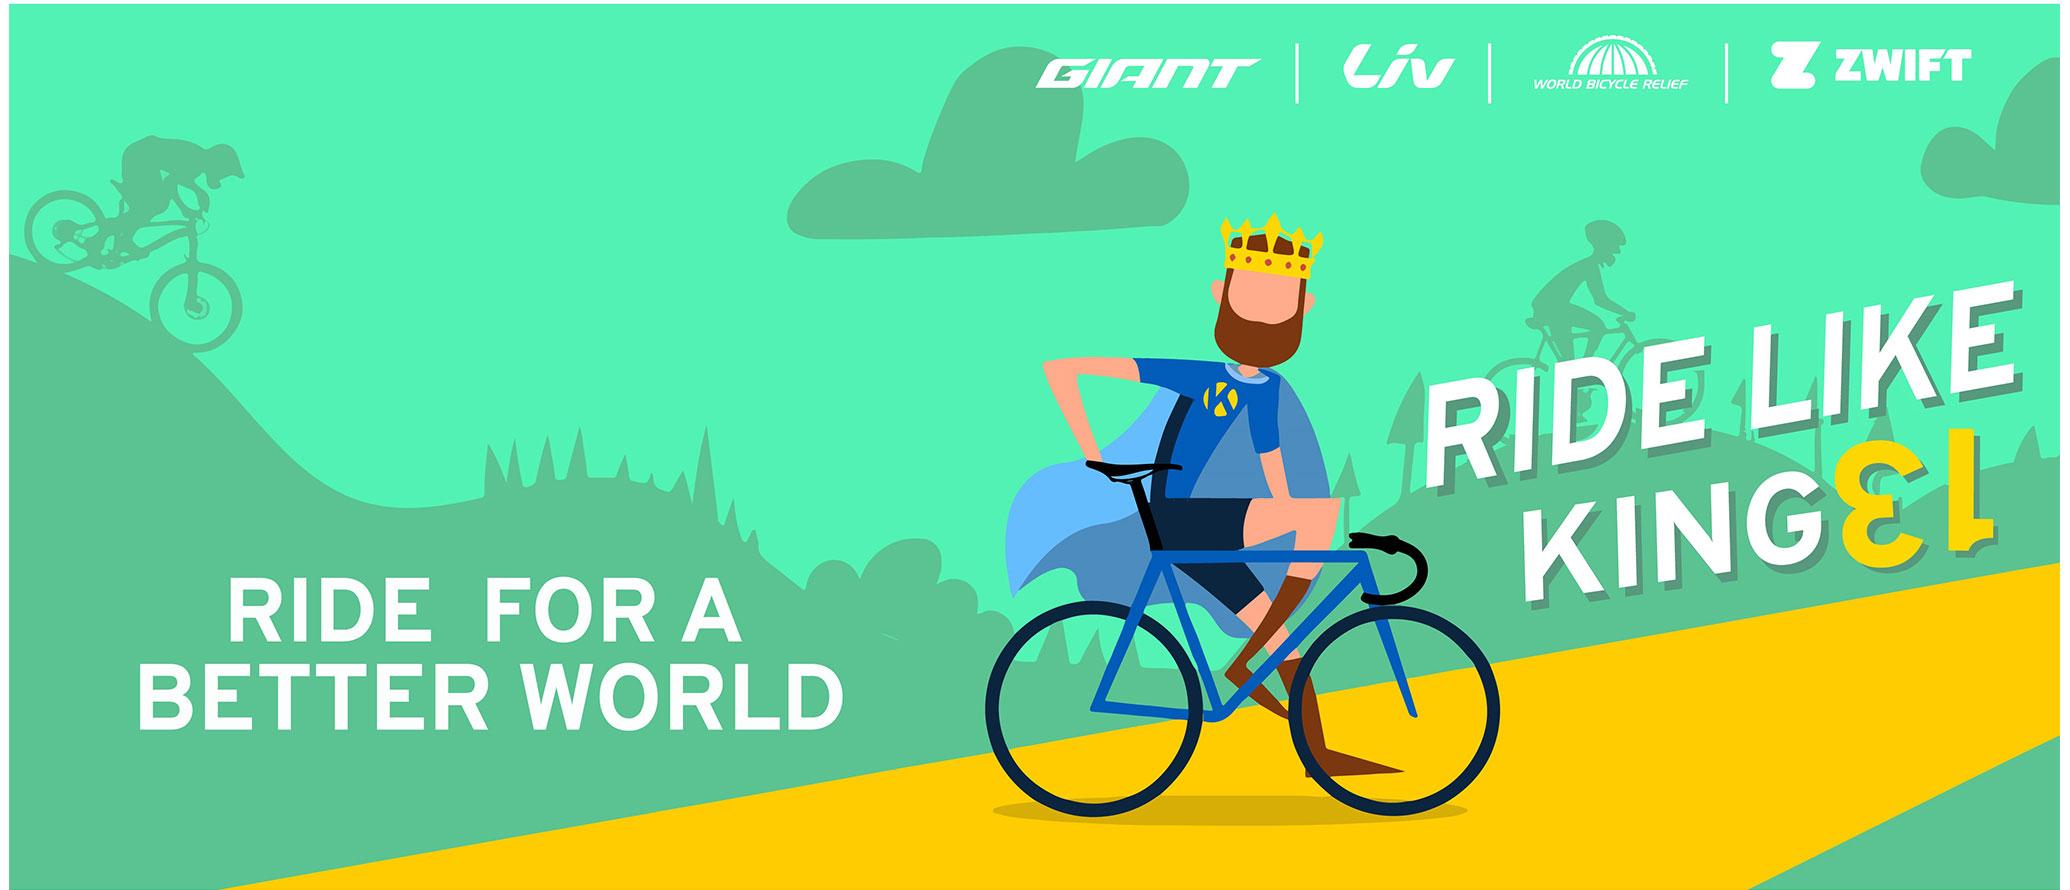 دوچرخه سواری همچون RLK13 – King